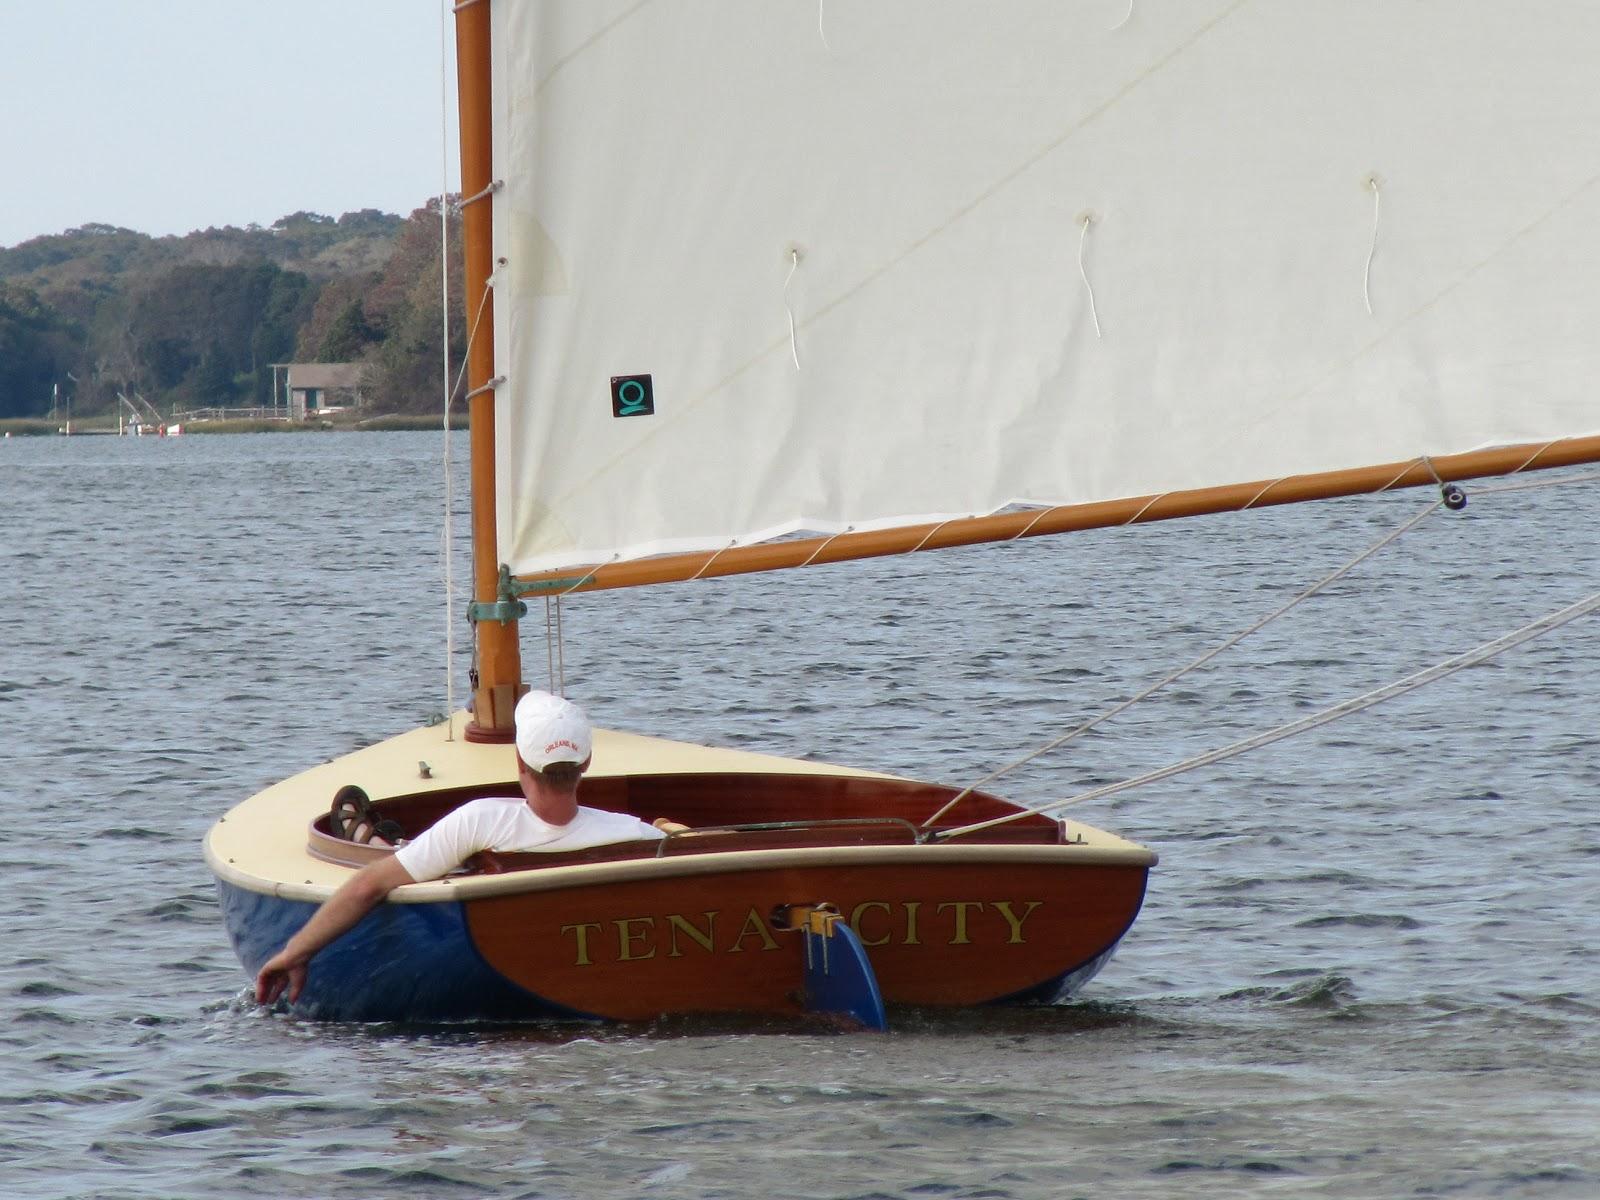 James: Catboat Building Plans How to Building Plans